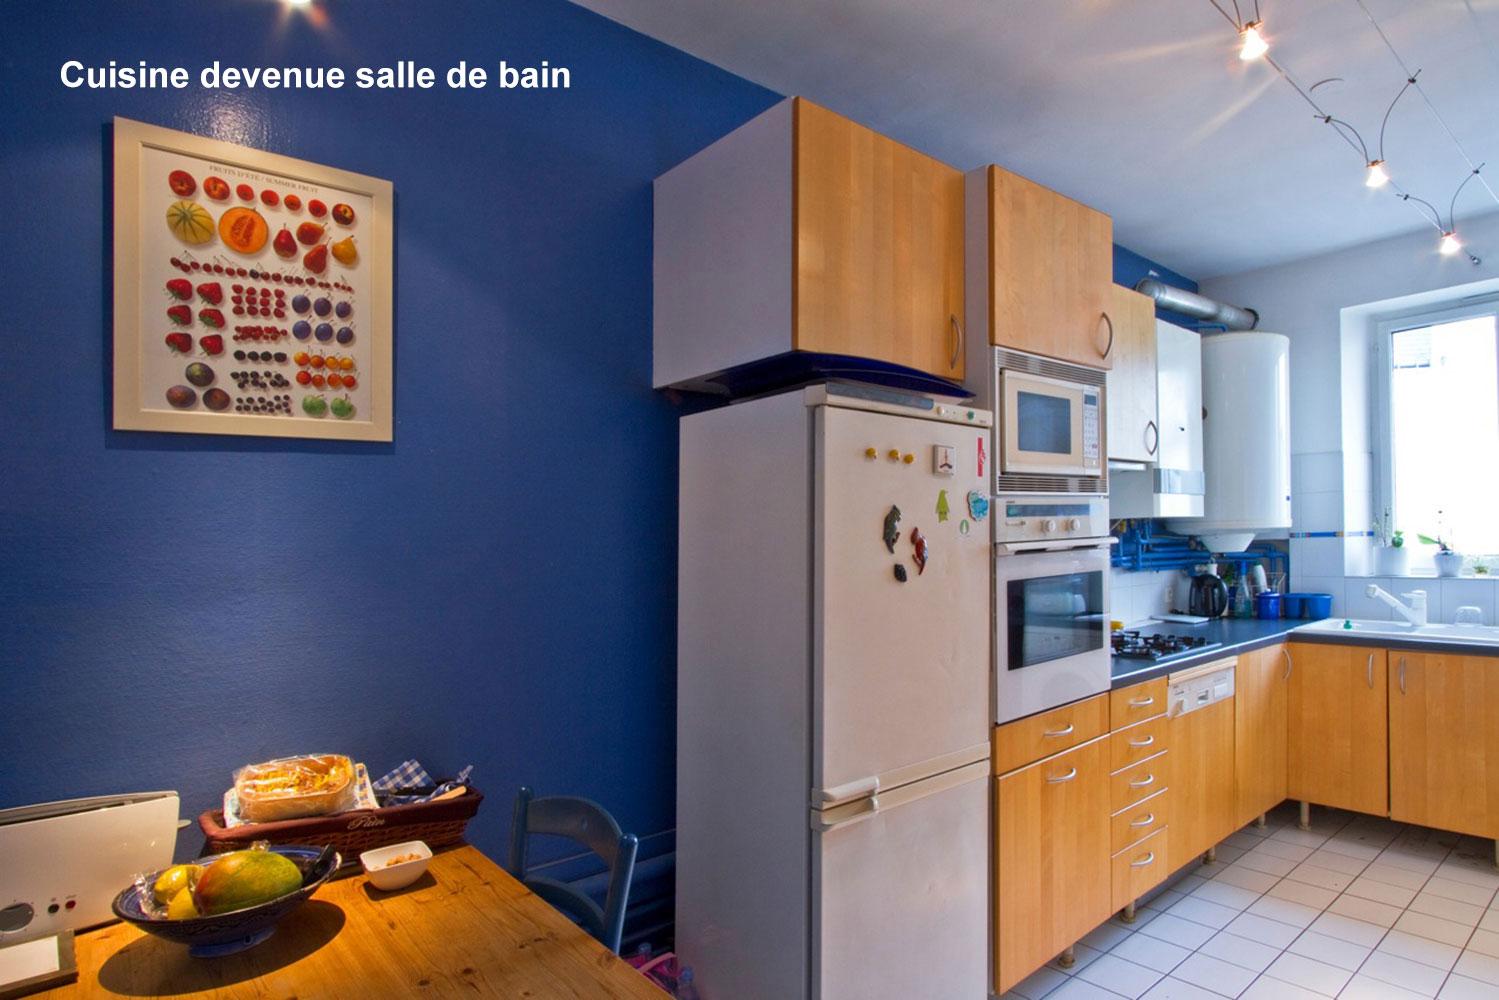 projet-paris-desiron-lizen-photographie-Guillaume-Dutreix-Paris18.jpg